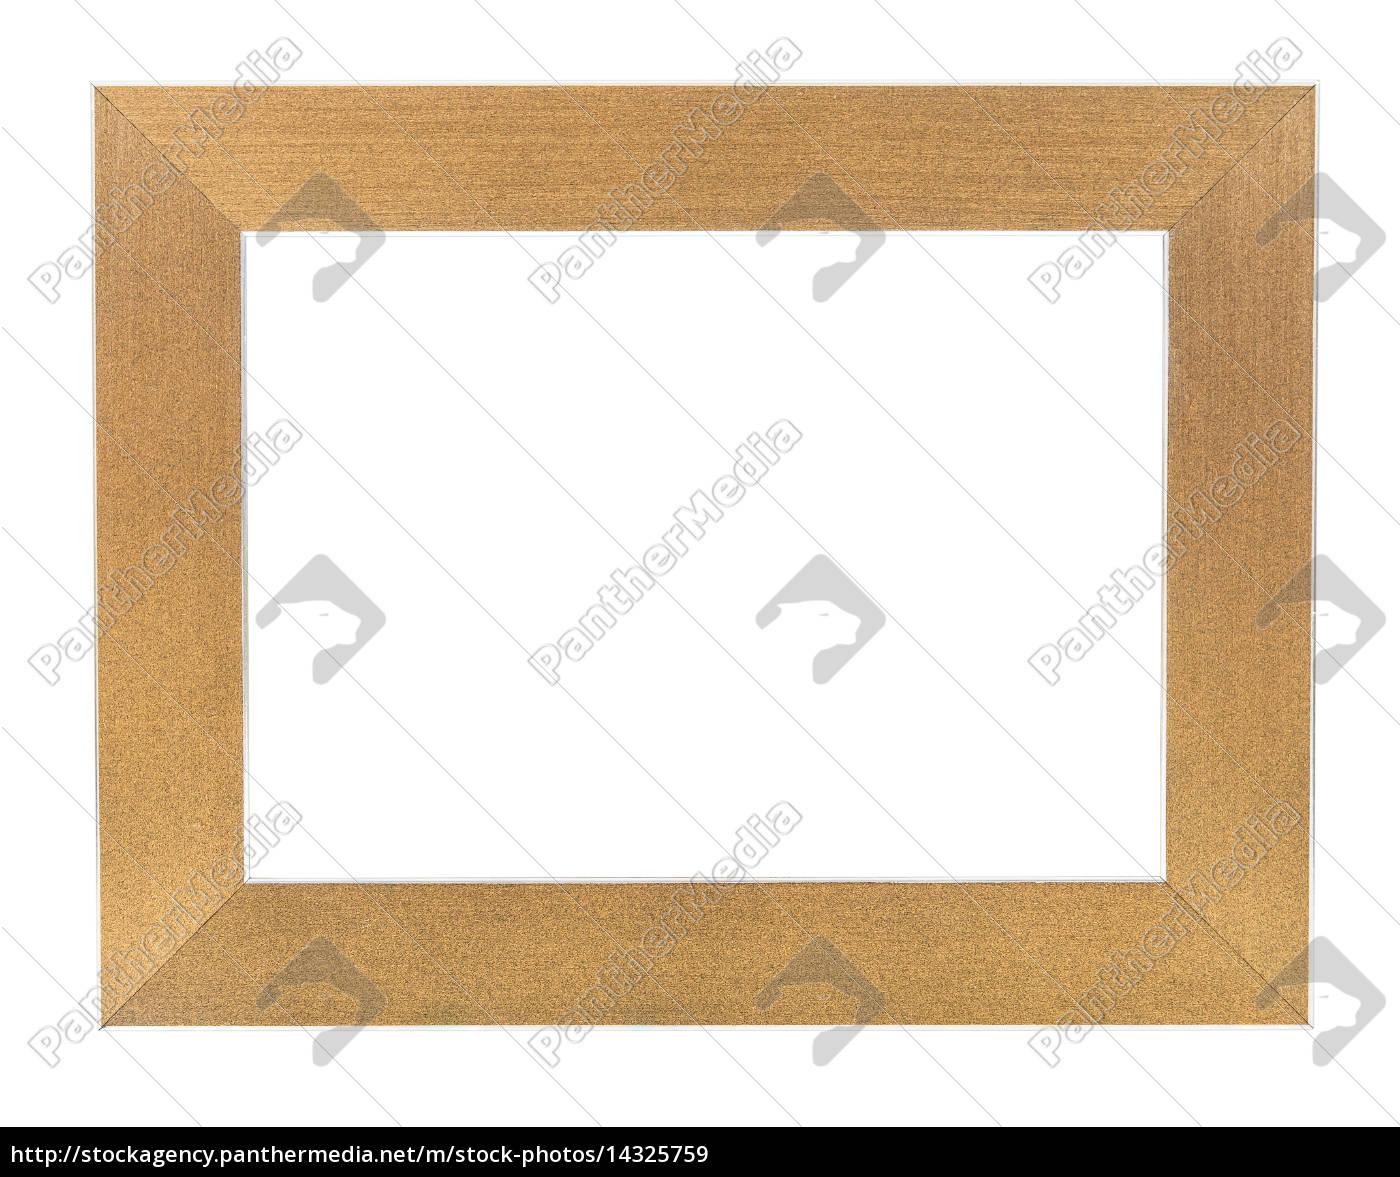 marco, vacío, de, oro - 14325759